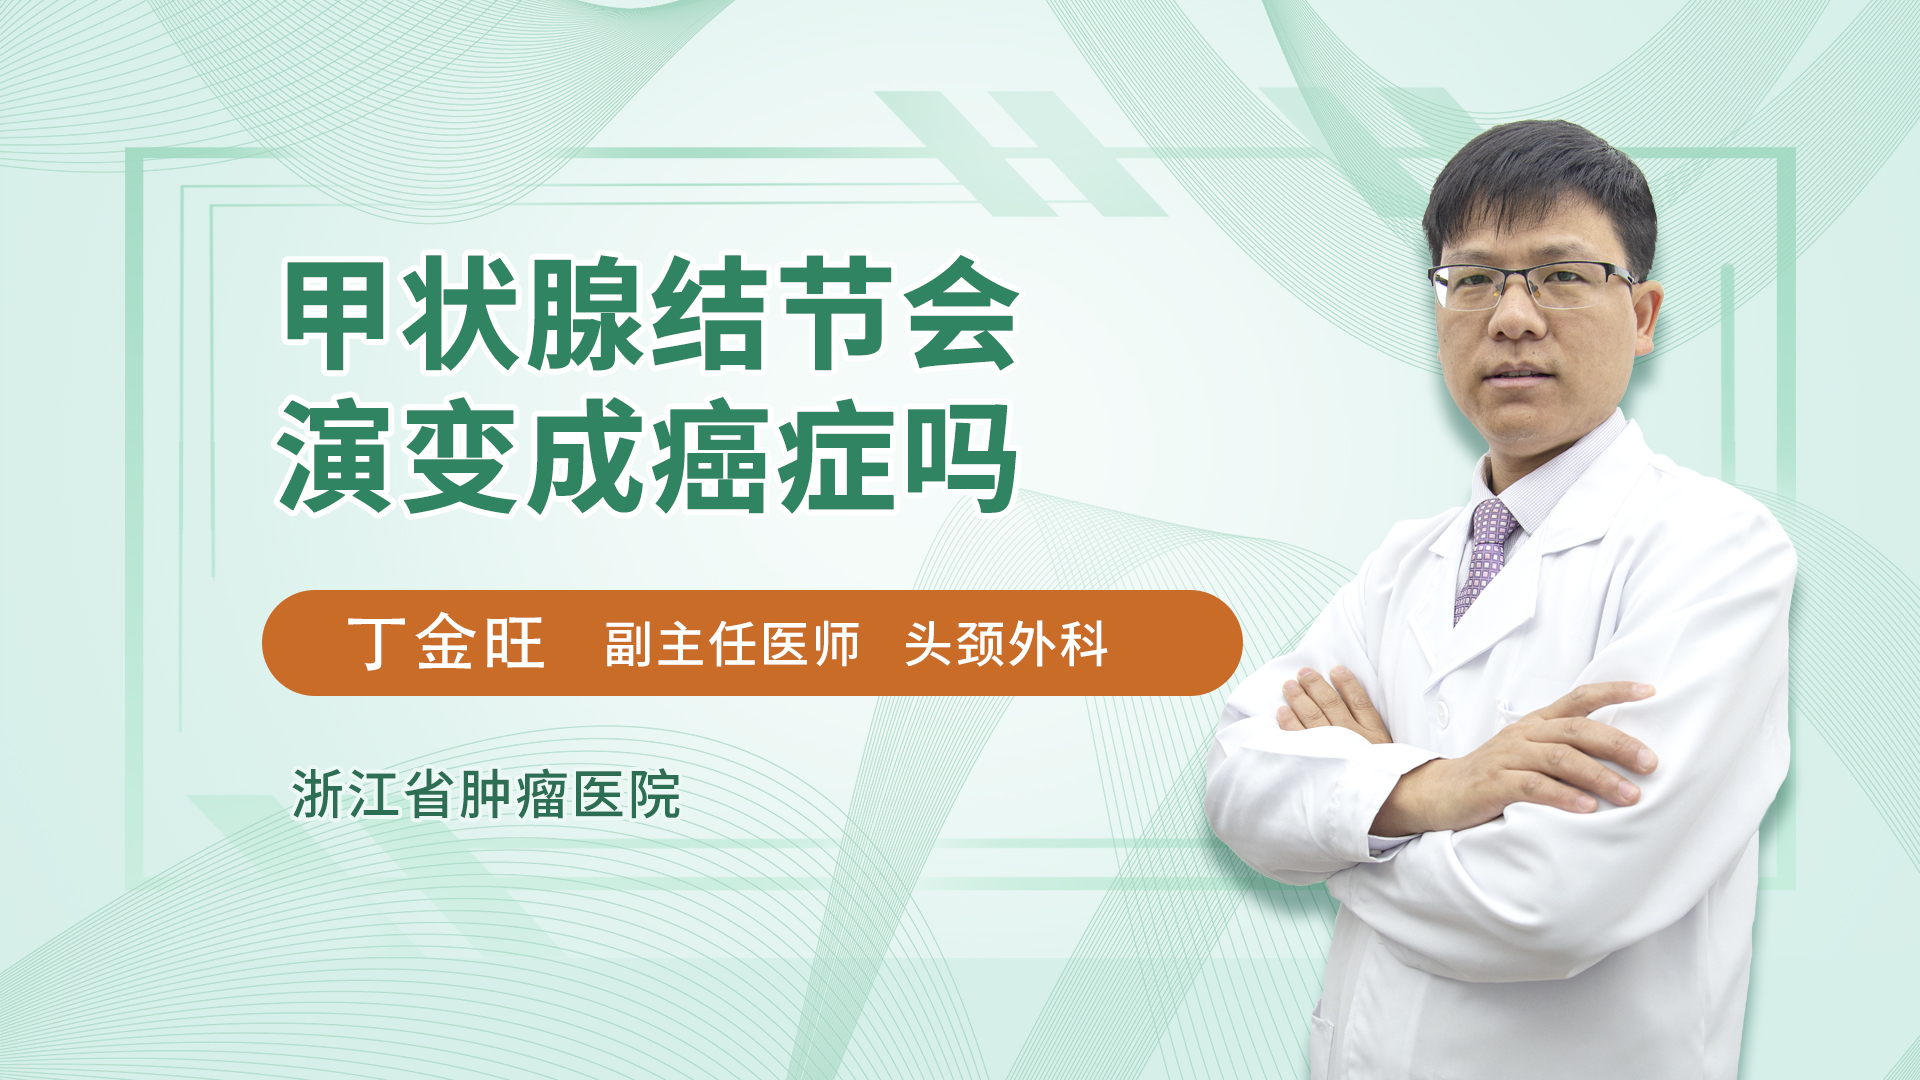 甲状腺结节会演变成癌症吗